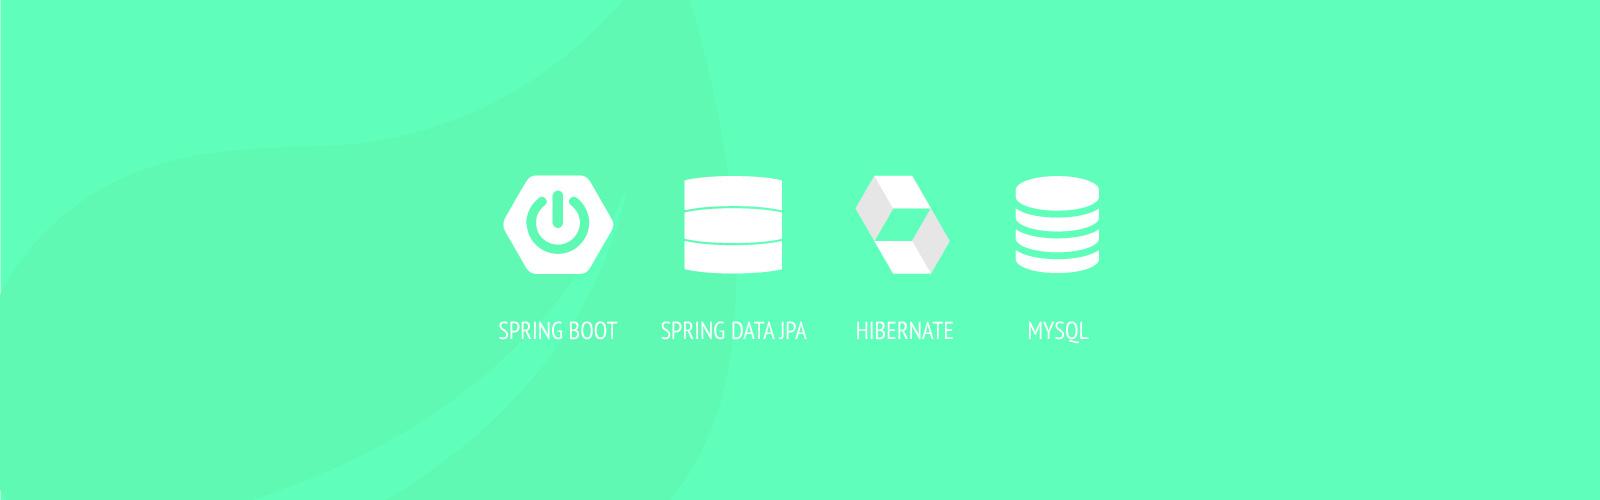 Using MySQL in Spring Boot via Spring Data JPA and Hibernate